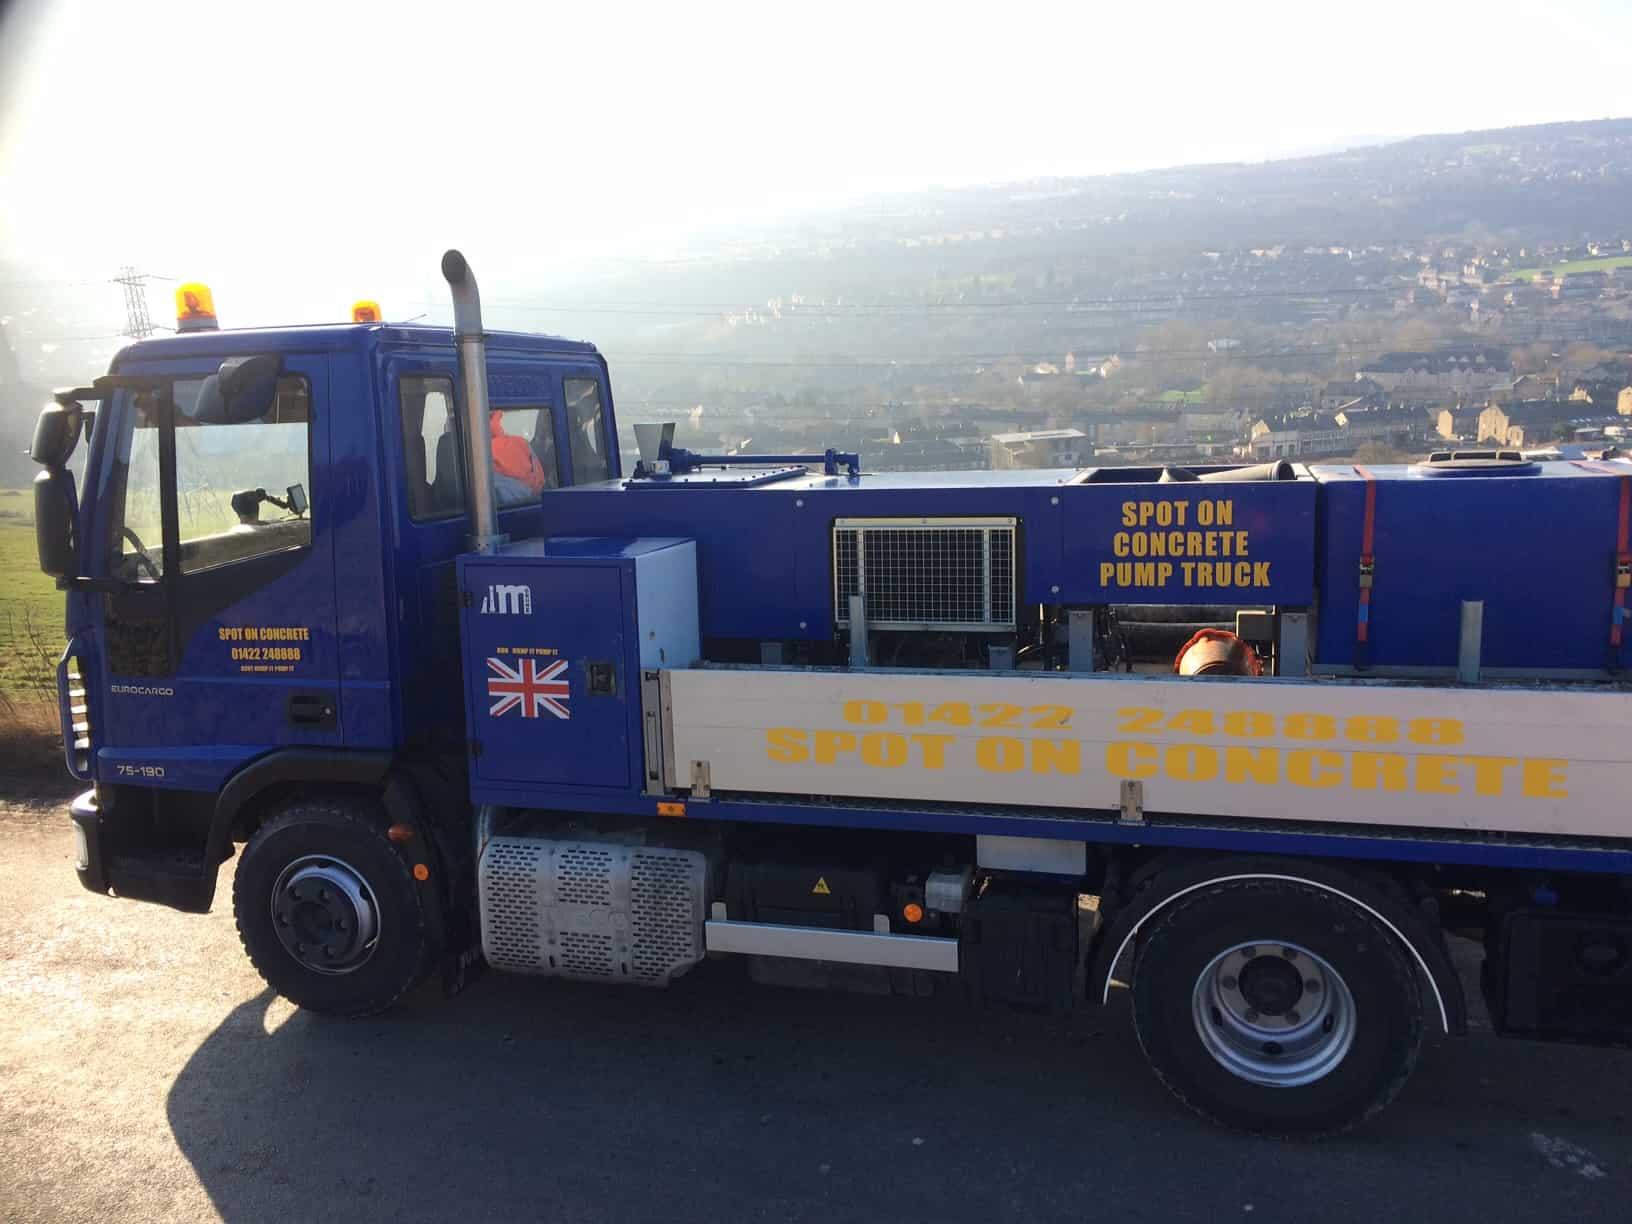 Concrete Pumping Service West Yorkshire Enquire Today